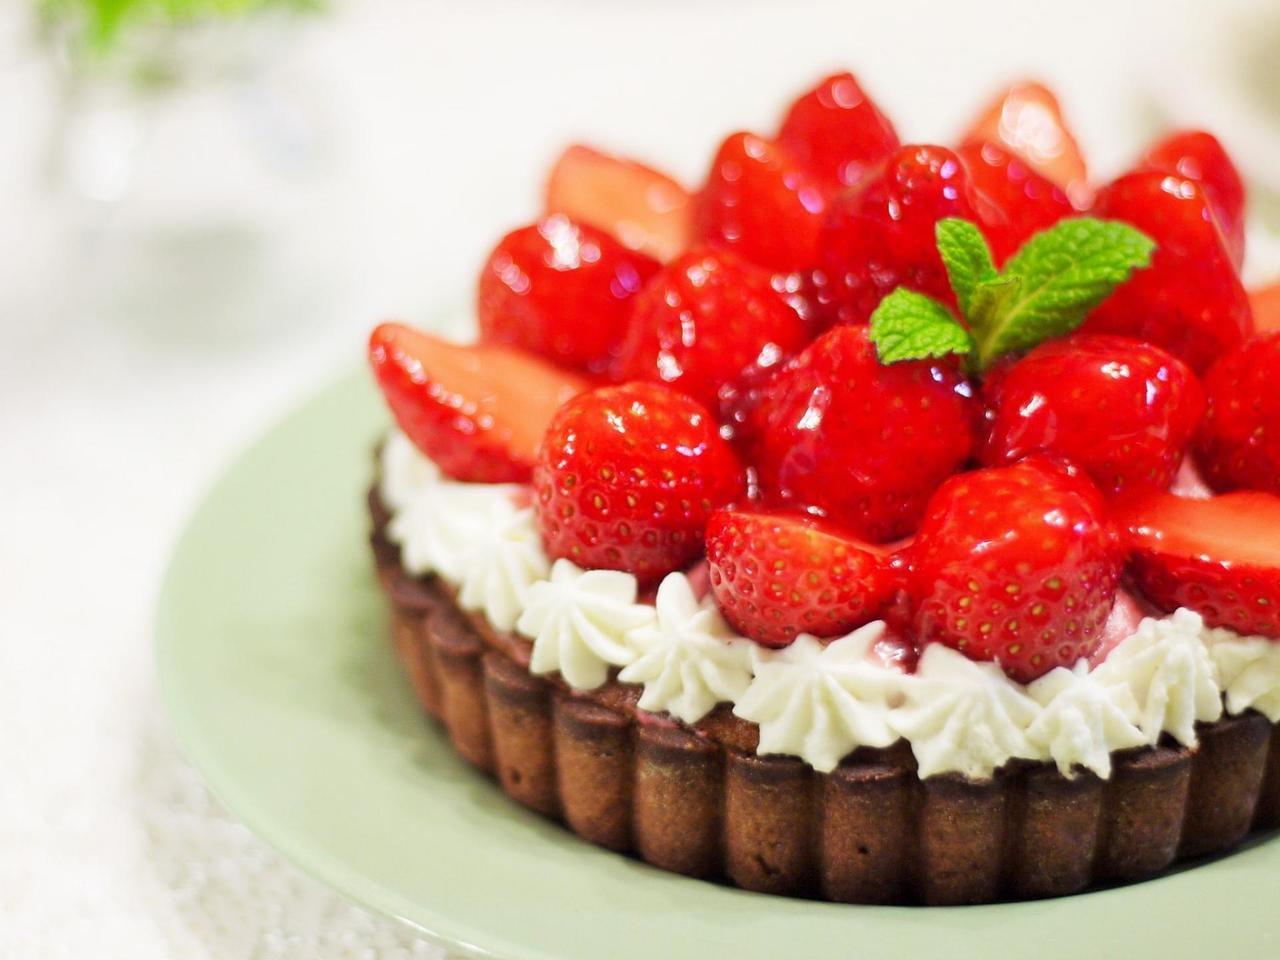 【2018年】予約必須!姫路人気のクリスマスケーキ